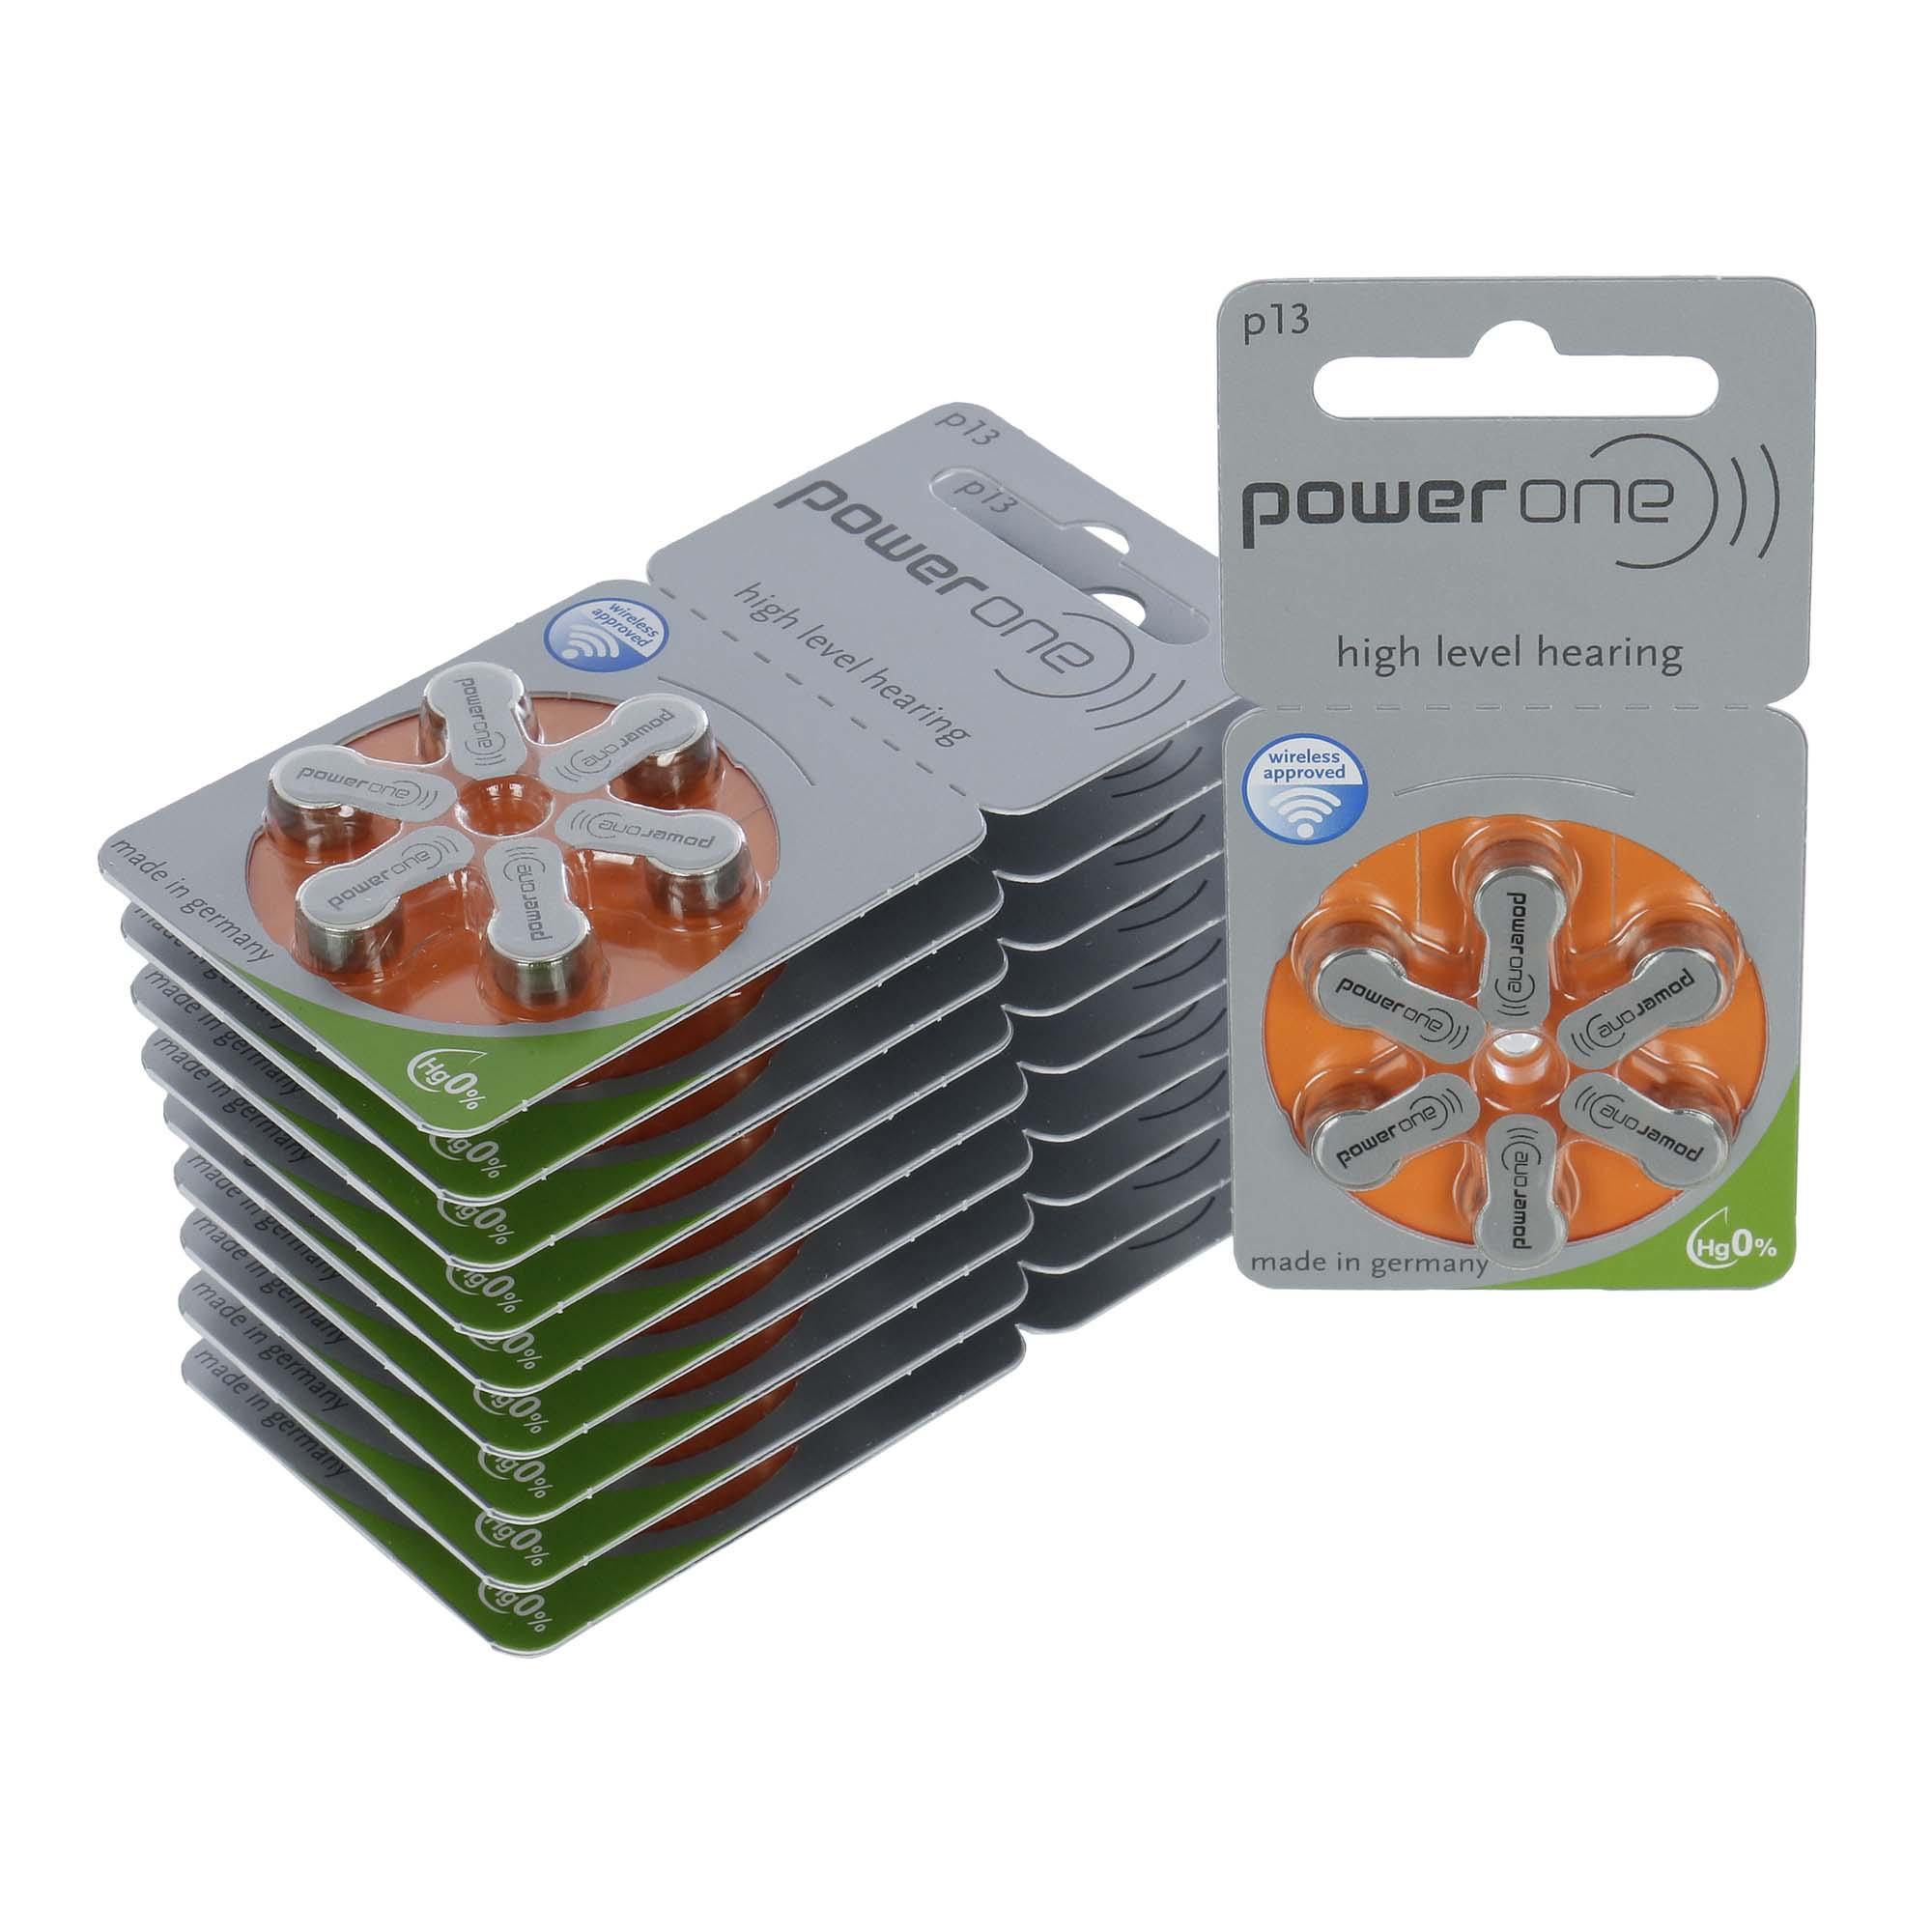 PowerOne P13 / PR48  - 10 Cartelas - 60 Baterias para Aparelho Auditivo  - SONORA